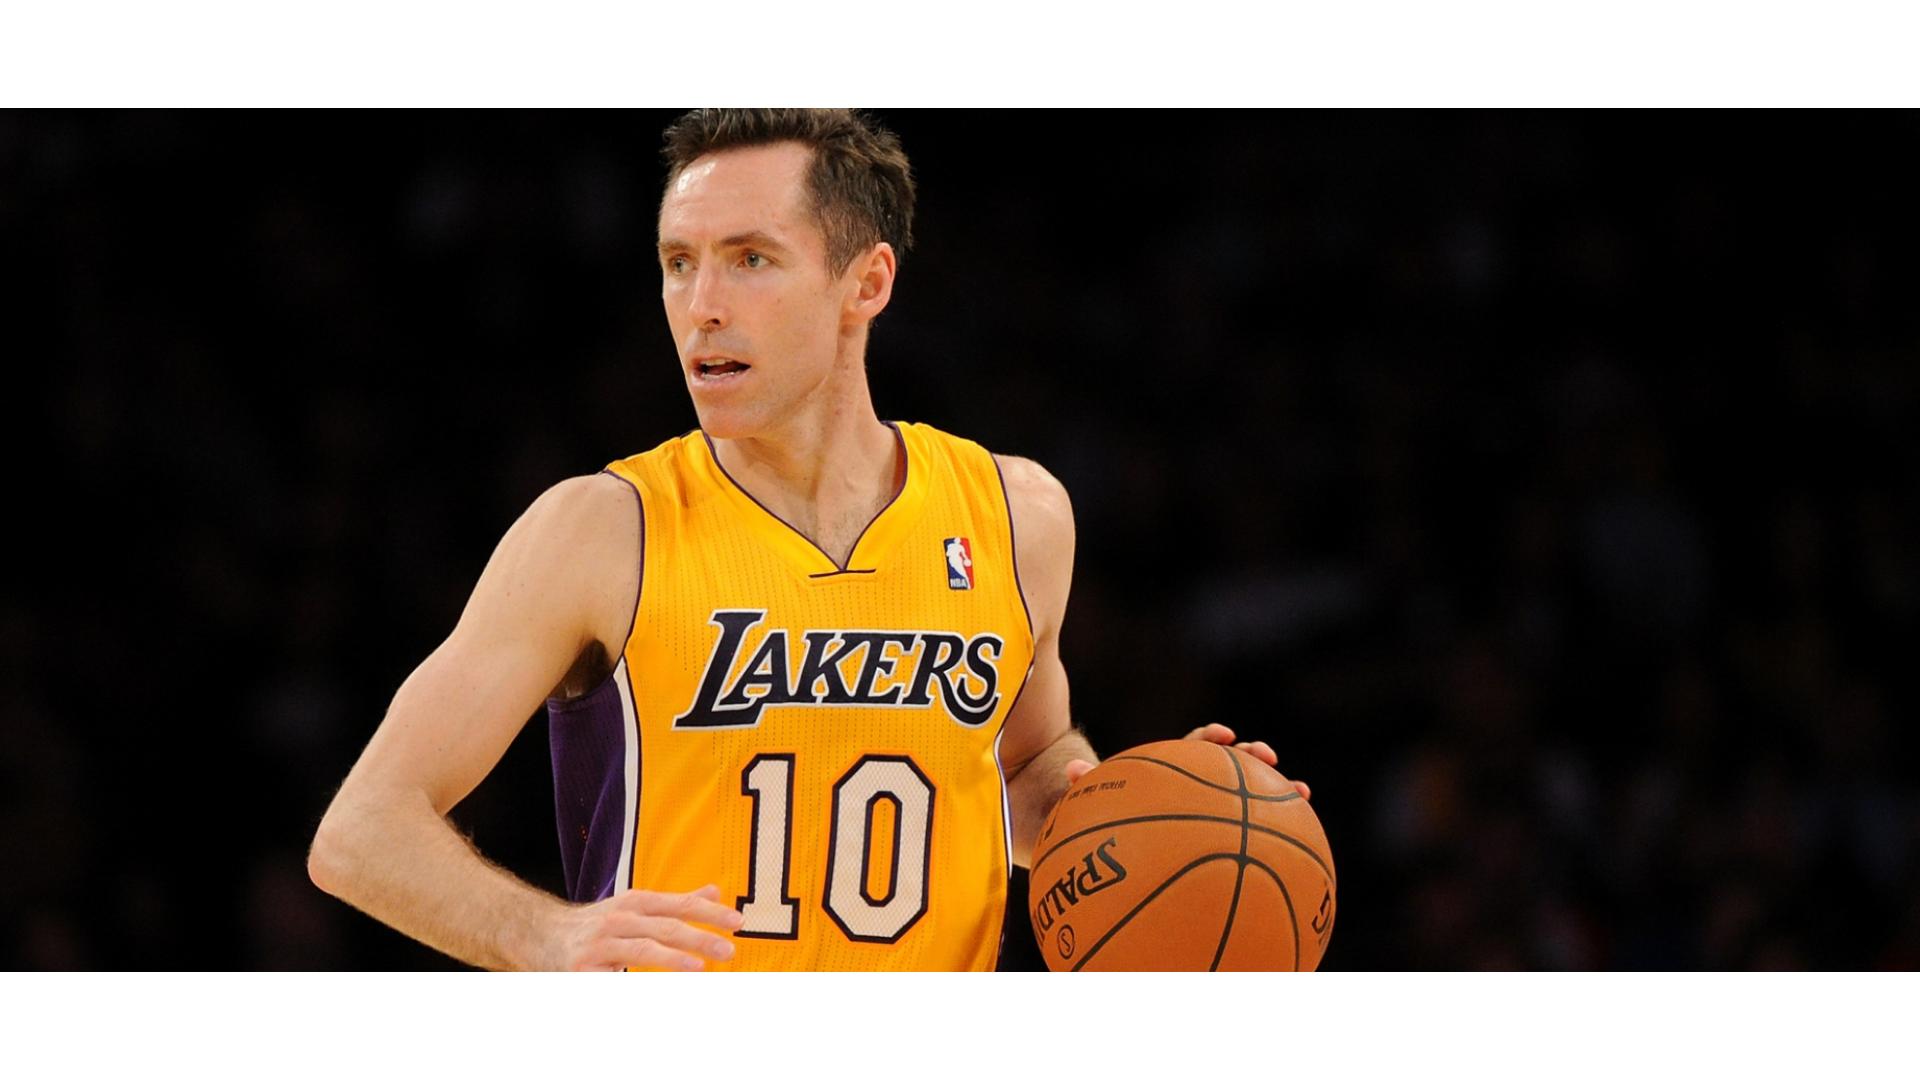 Lakers forması giyen steve nash görseli.